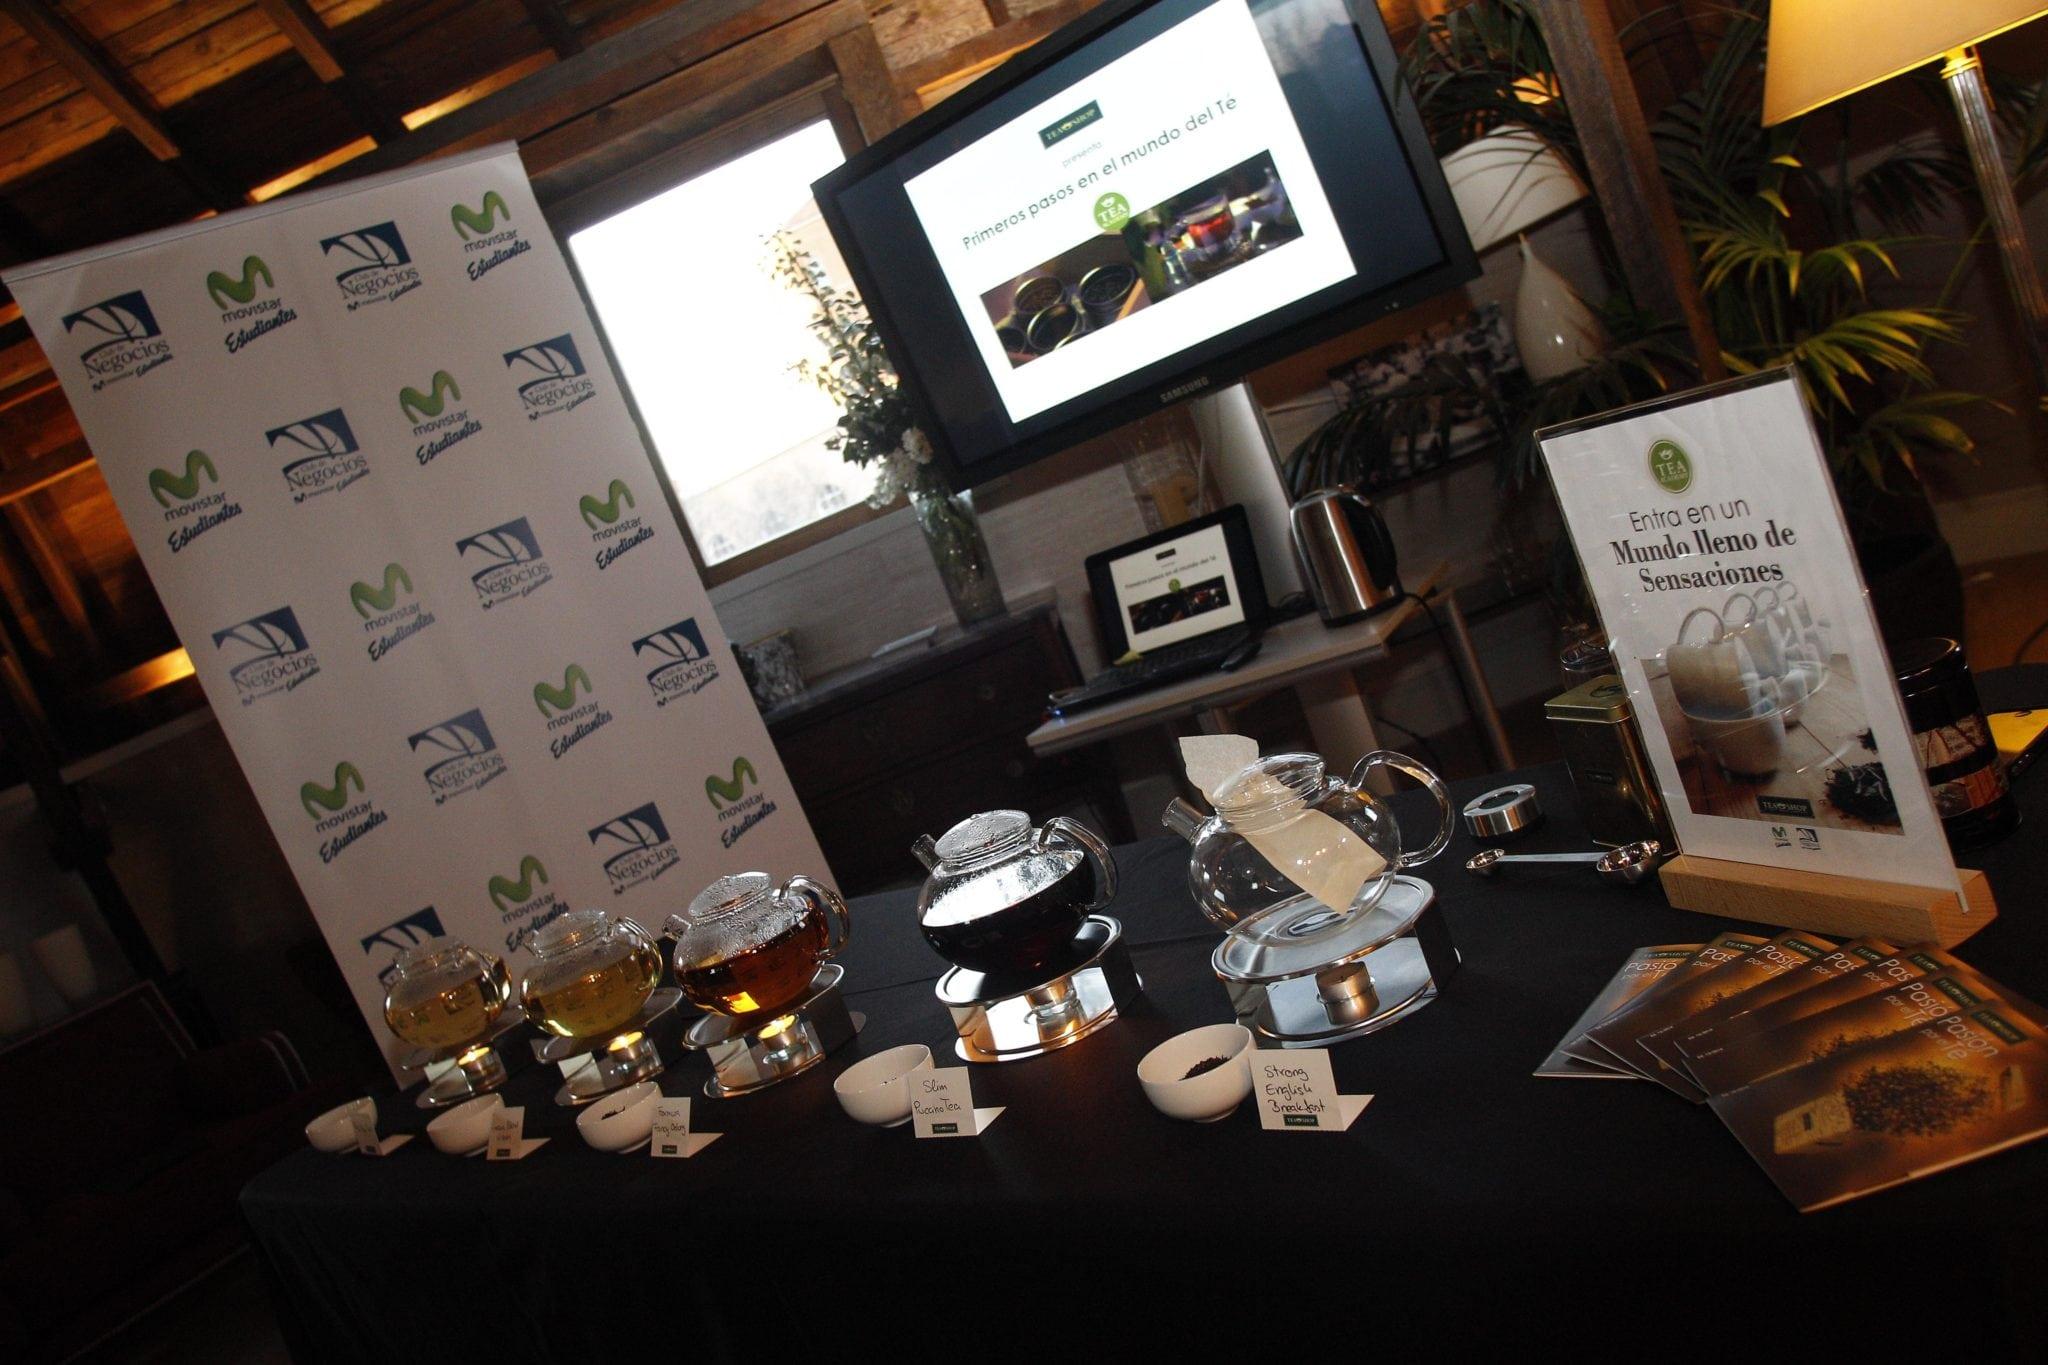 Primeros pasos en el mundo del té para los miembros del Club de Negocios Movistar Estudiantes a cargo de Tea Shop